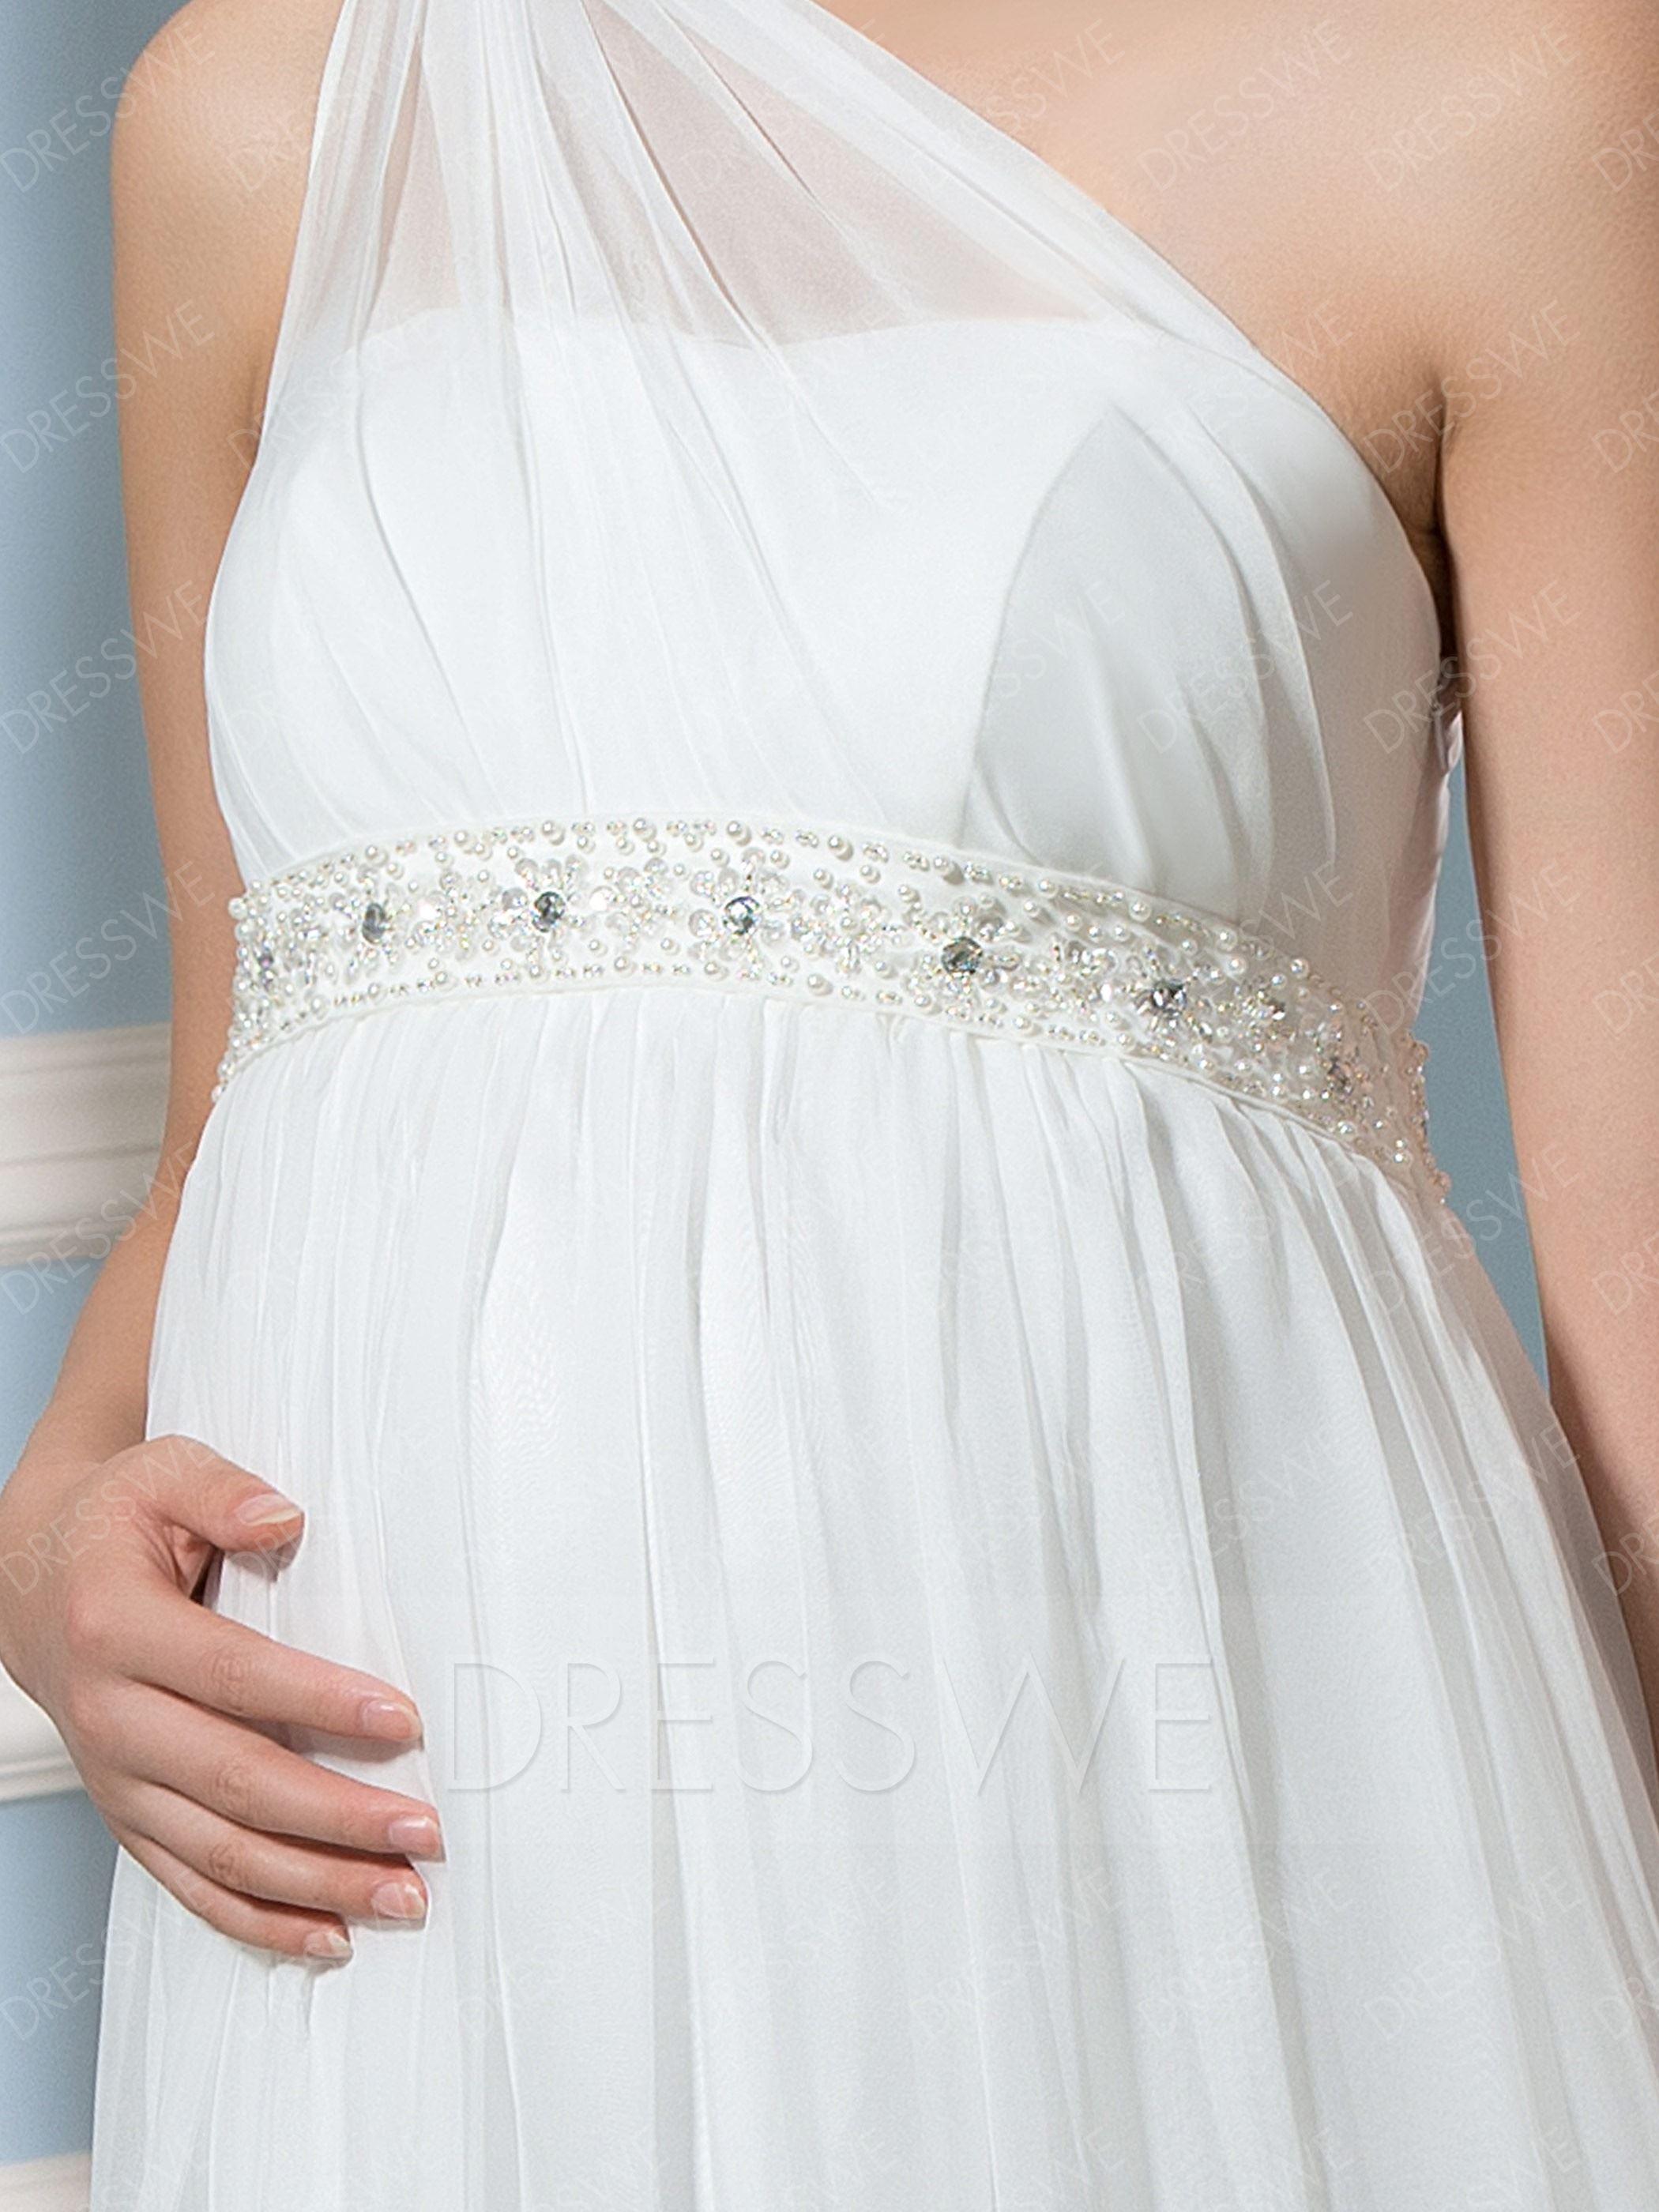 بالصور فساتين اعراس للحوامل , صور لاحلى فساتين زفاف امومة 6227 11